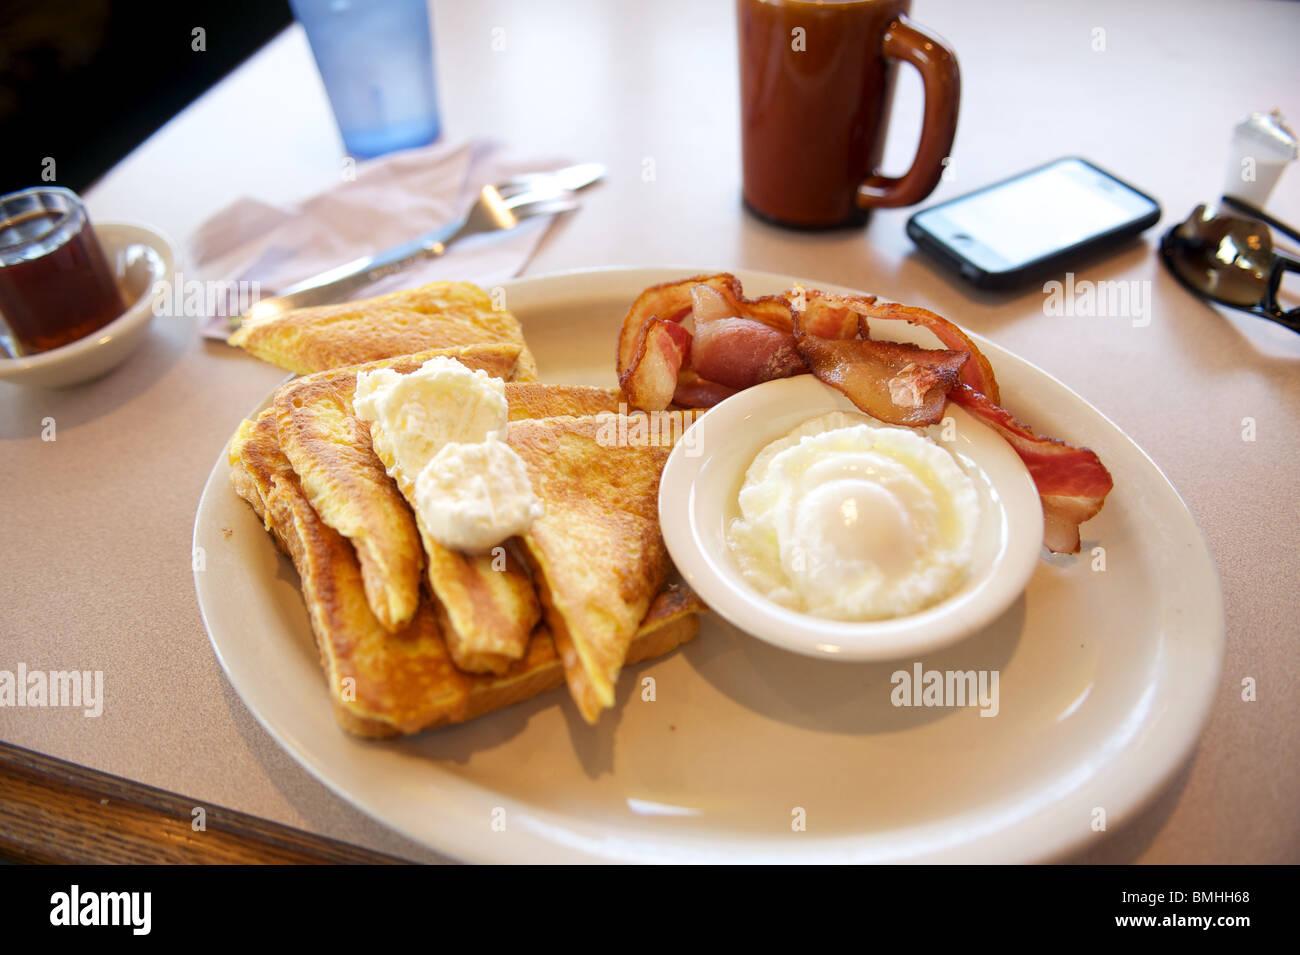 Autobahn Raststätte Frühstück. French Toast mit Speck und Eiern. Aus der i-90 Autobahn. , Ellensburg Stockbild